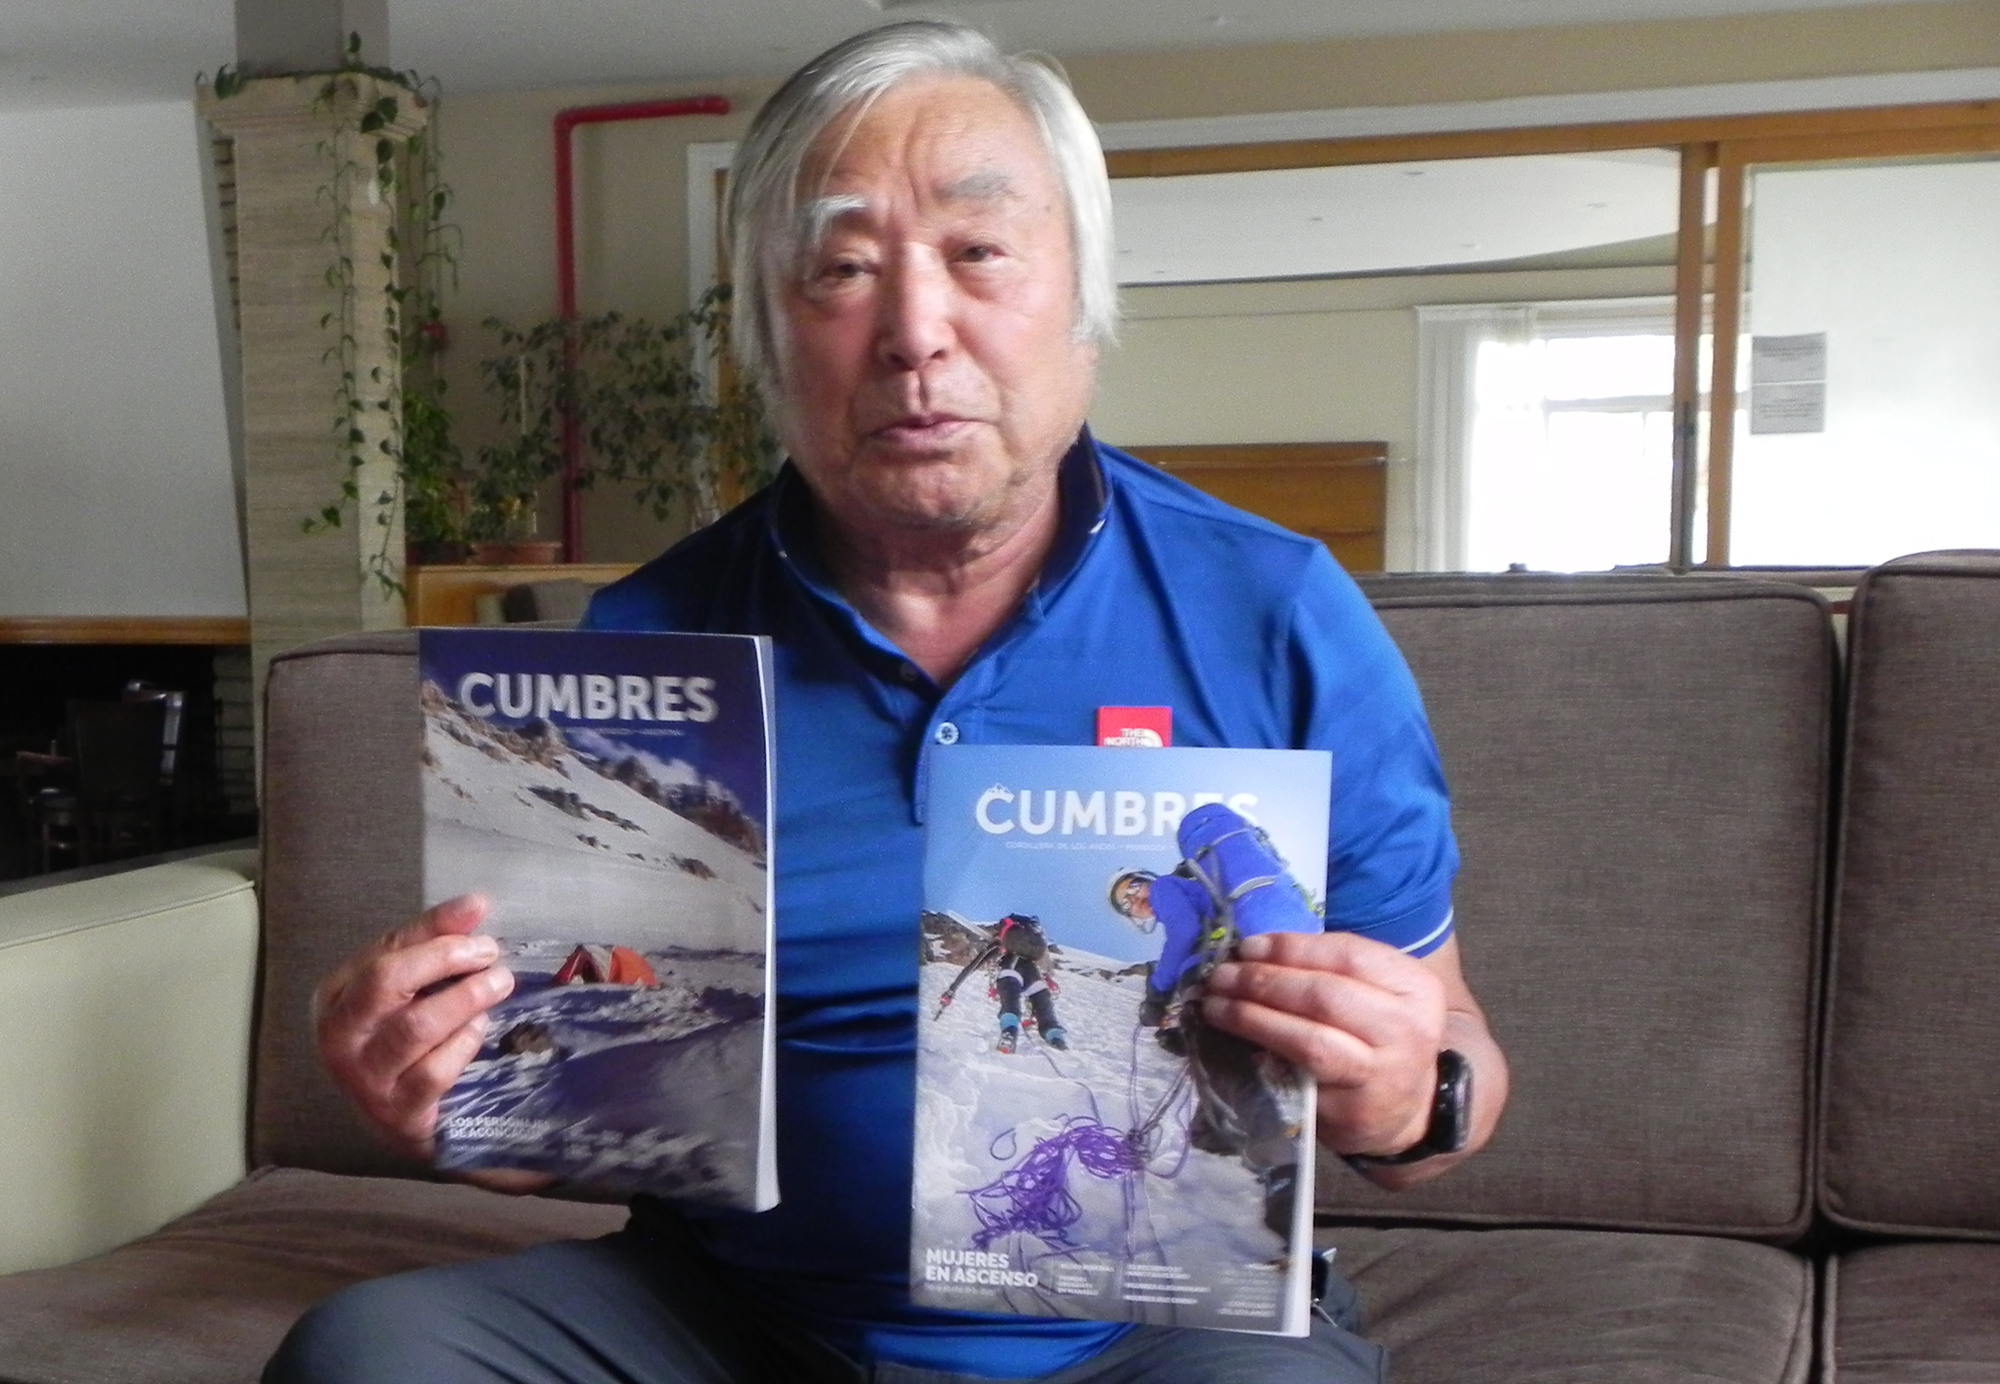 Mr. Miura contento con sus regalos: algunos ejemplares de la revista CUMBRES.